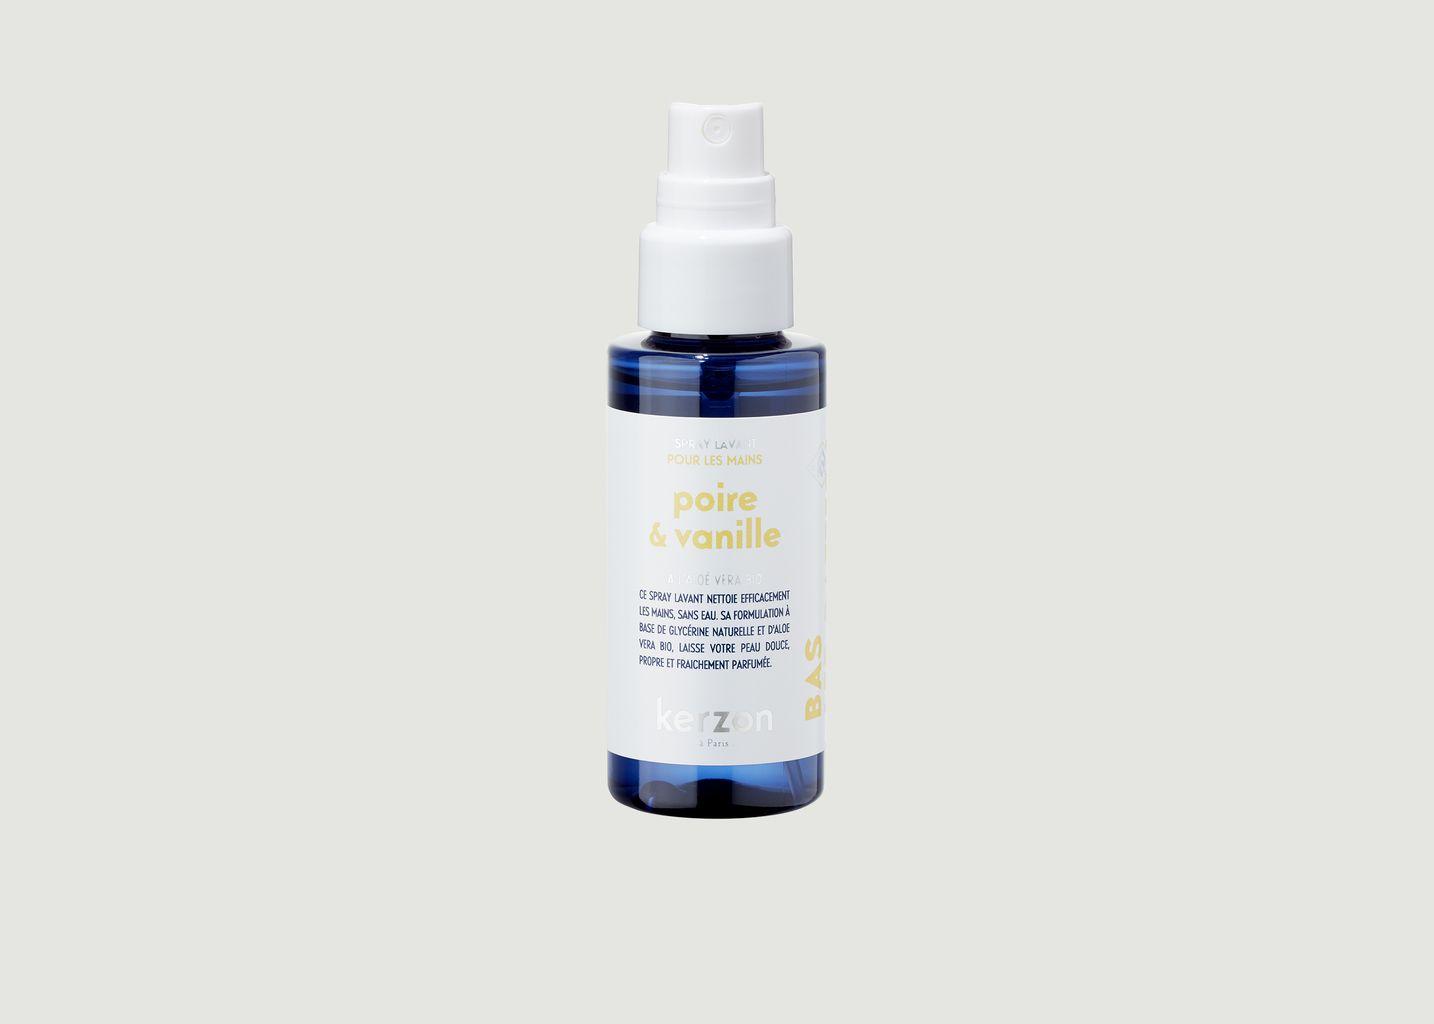 Spray lavant pour mains Poire & Vanille 50ml - Kerzon